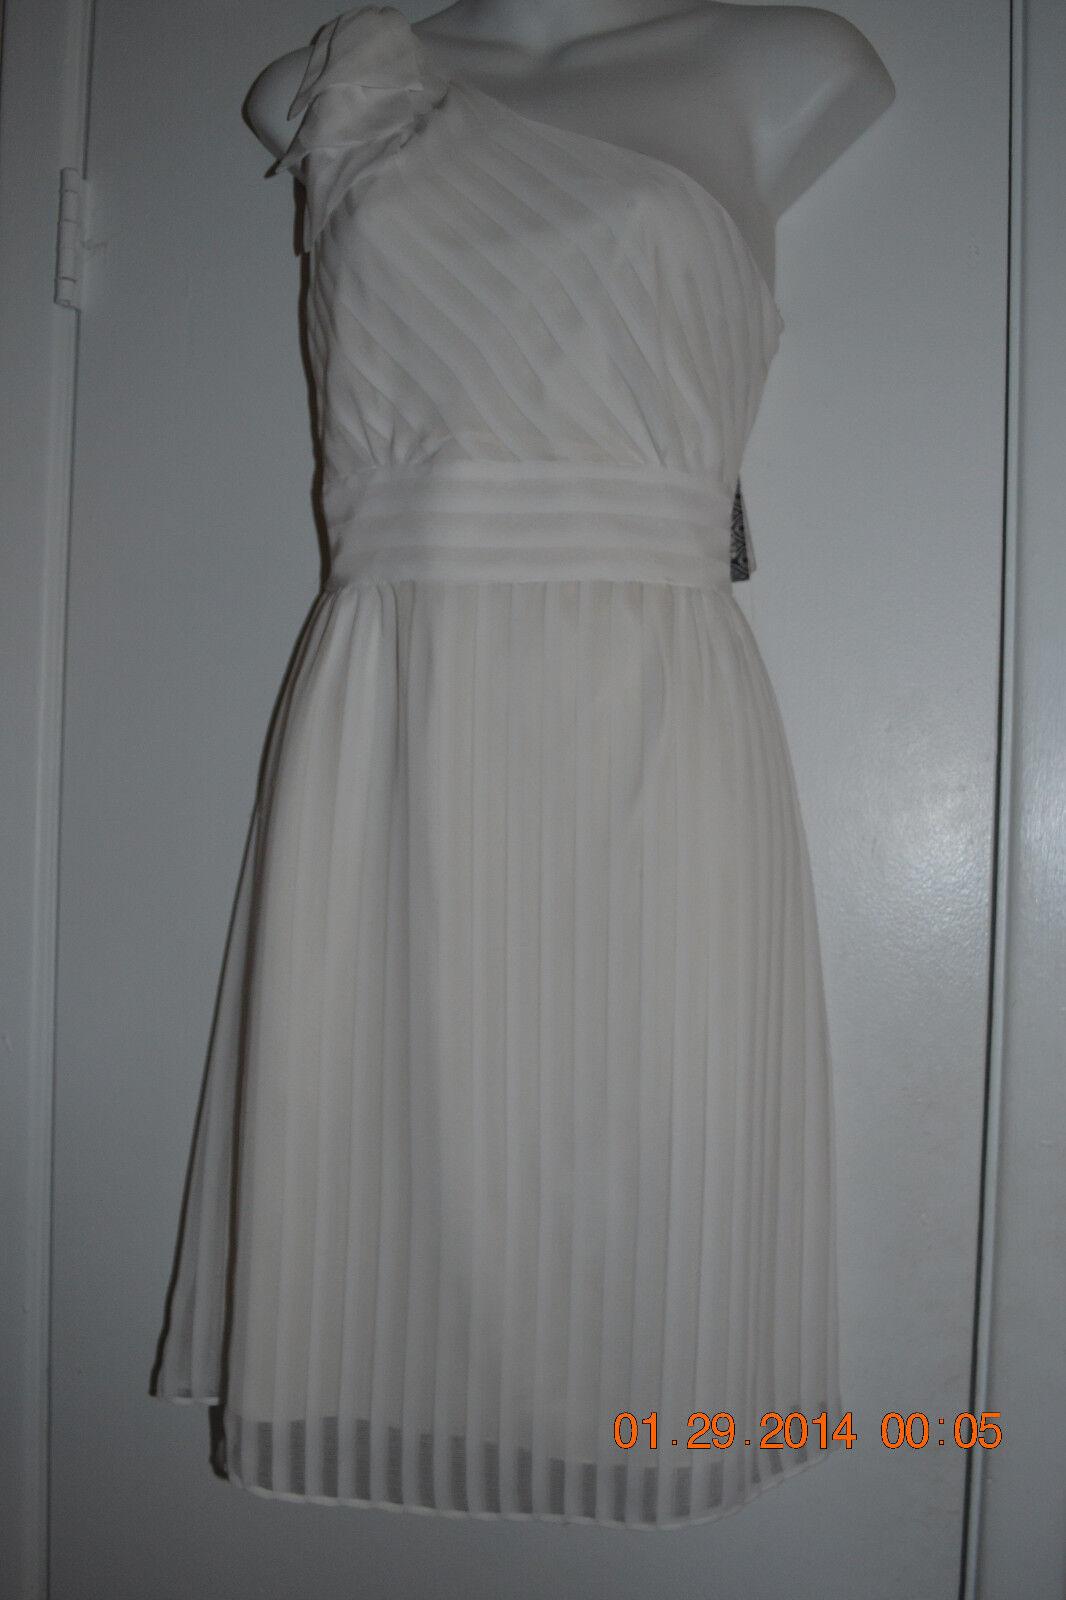 1eb838e5b30 Gianni Bini size 8 white empire waist off the shoulder dress NWT ...